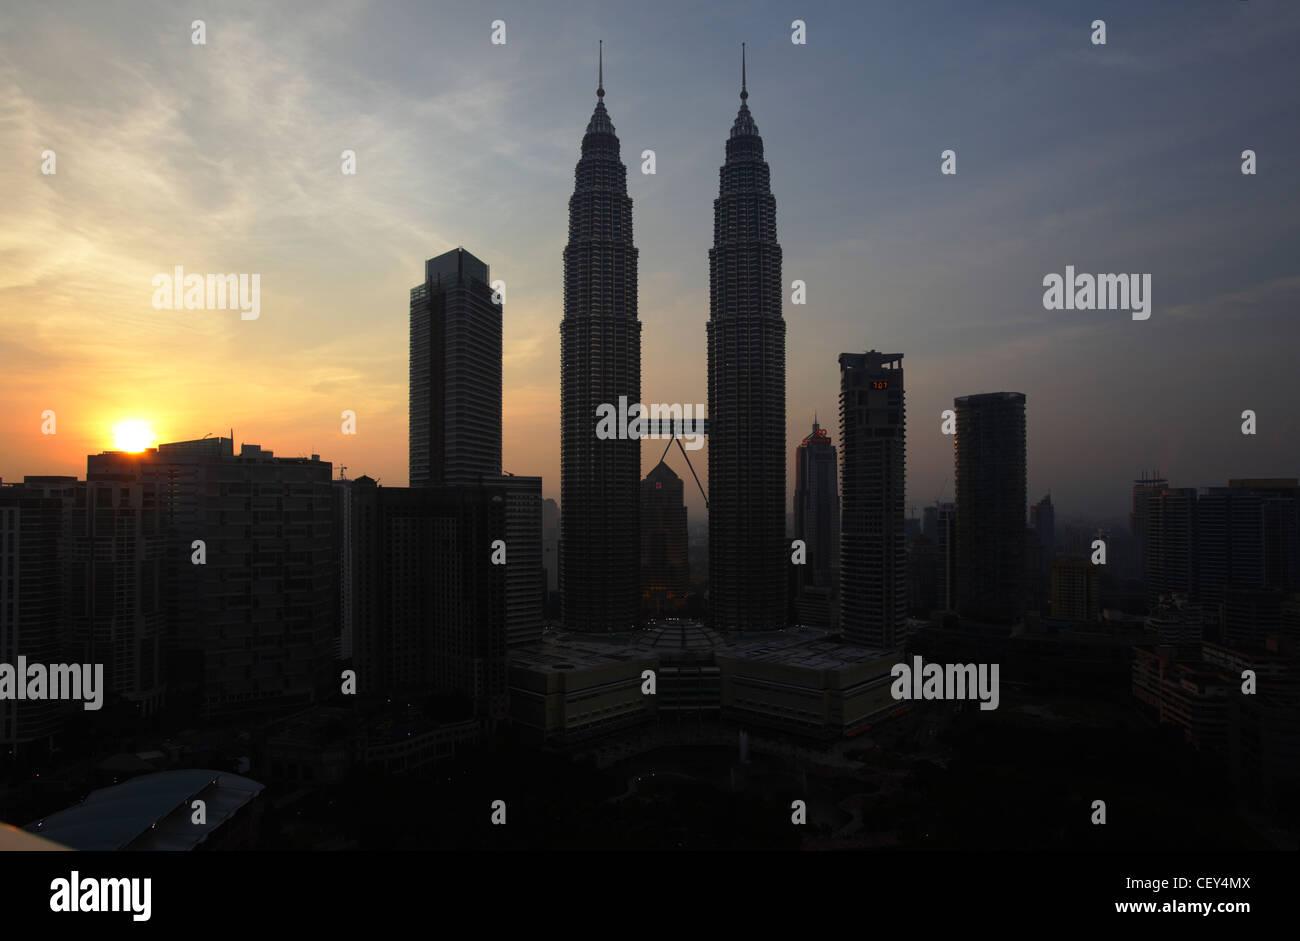 Menara petronas towers at sunset kuala lumpur malaysia stock photo menara petronas towers at sunset kuala lumpur malaysia buycottarizona Gallery